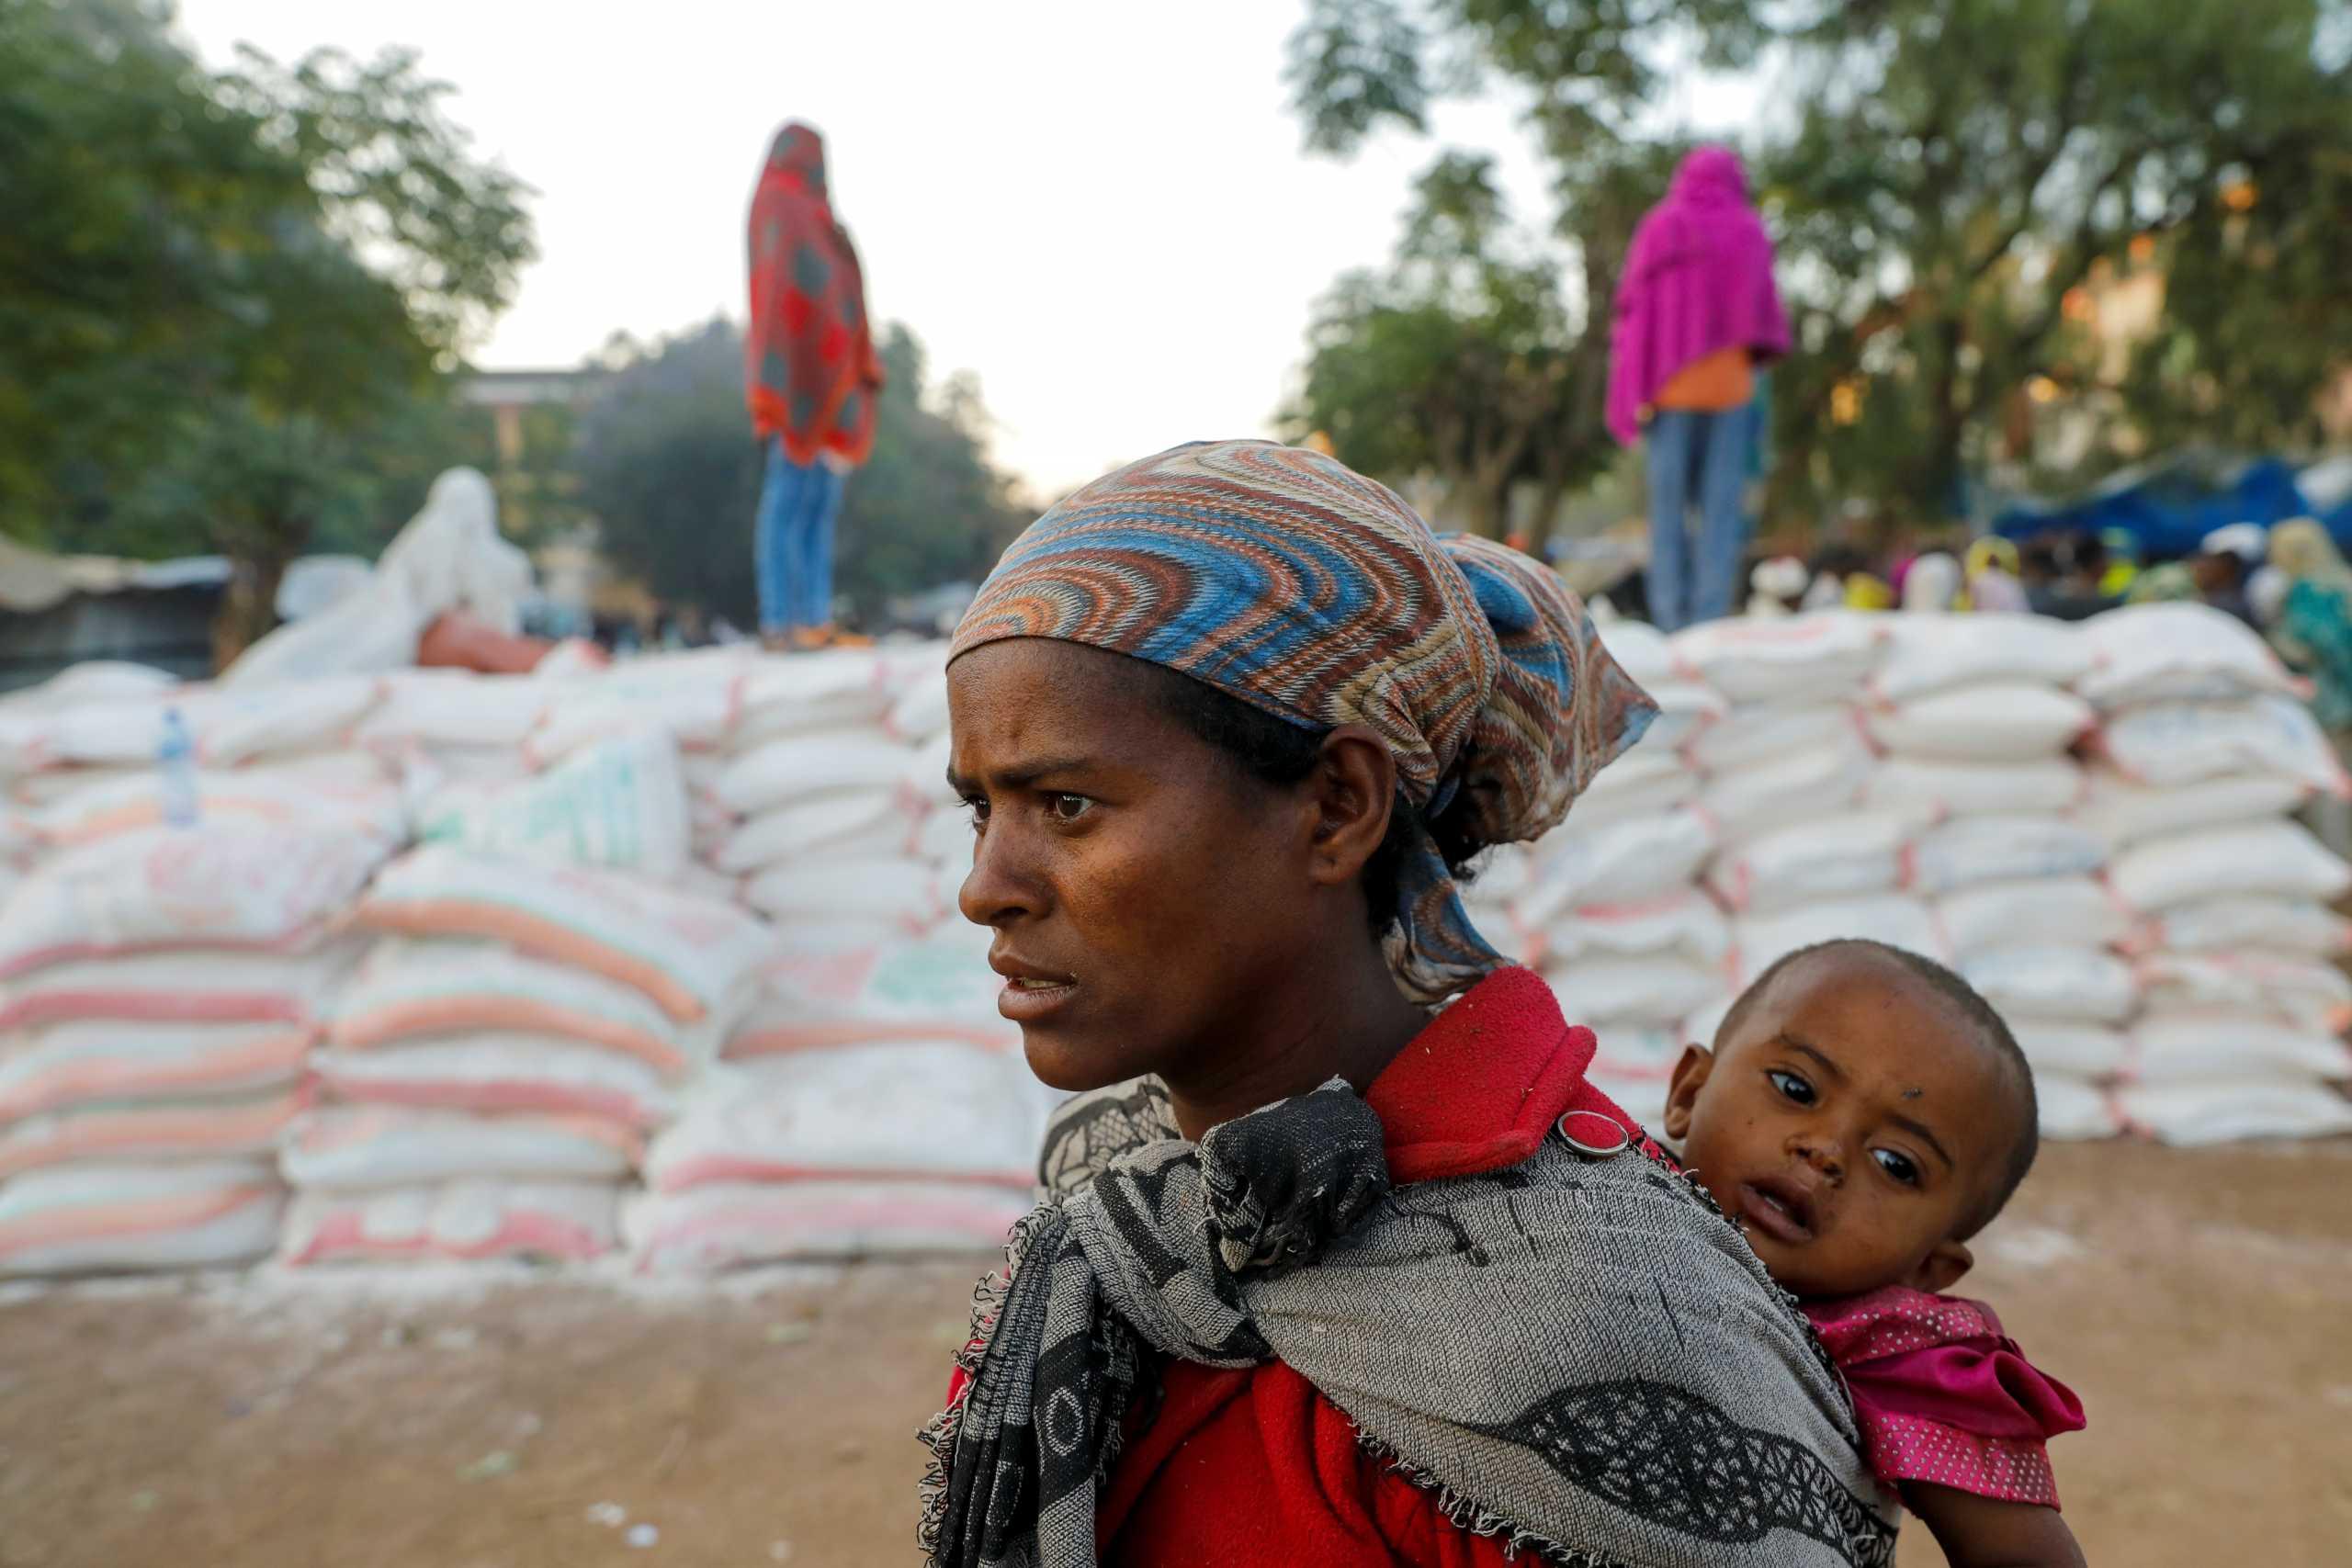 Αιθιοπία: Λιμός, η «σιωπηλή σφαγή» στο Τιγκράι – Ταΐζουν τα παιδιά με φύλλα δέντρων